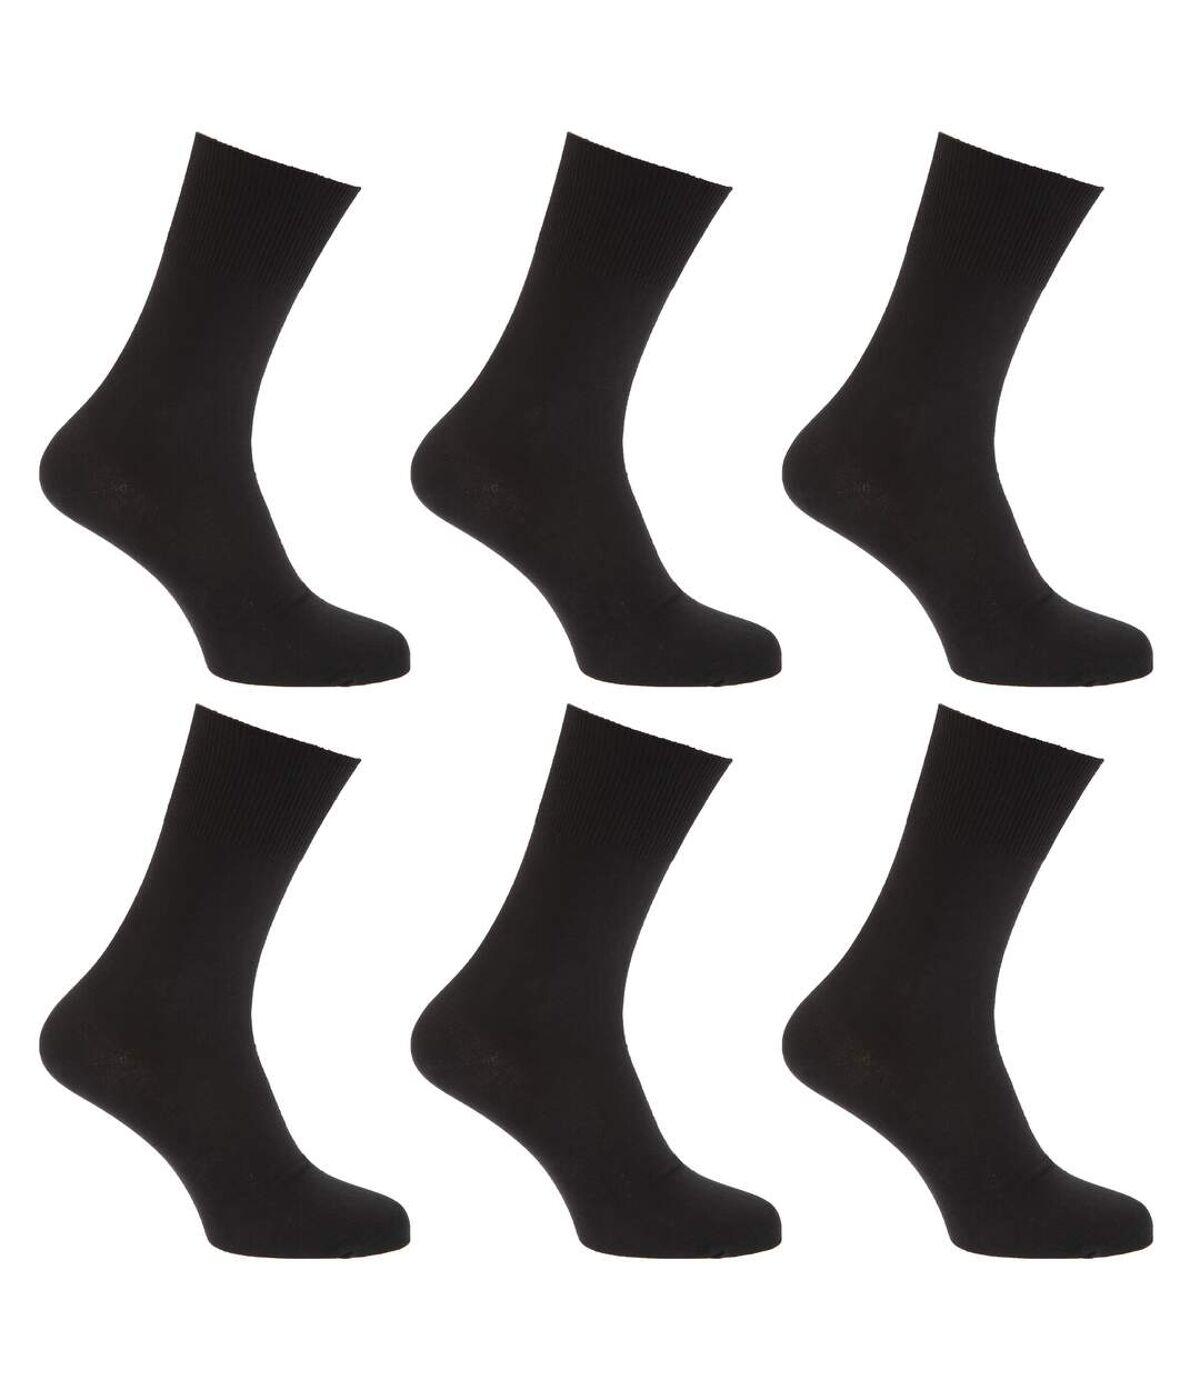 Mens Stay Up Non Elastic Diabetic Socks (Pack Of 6) (Black) - UTMB250